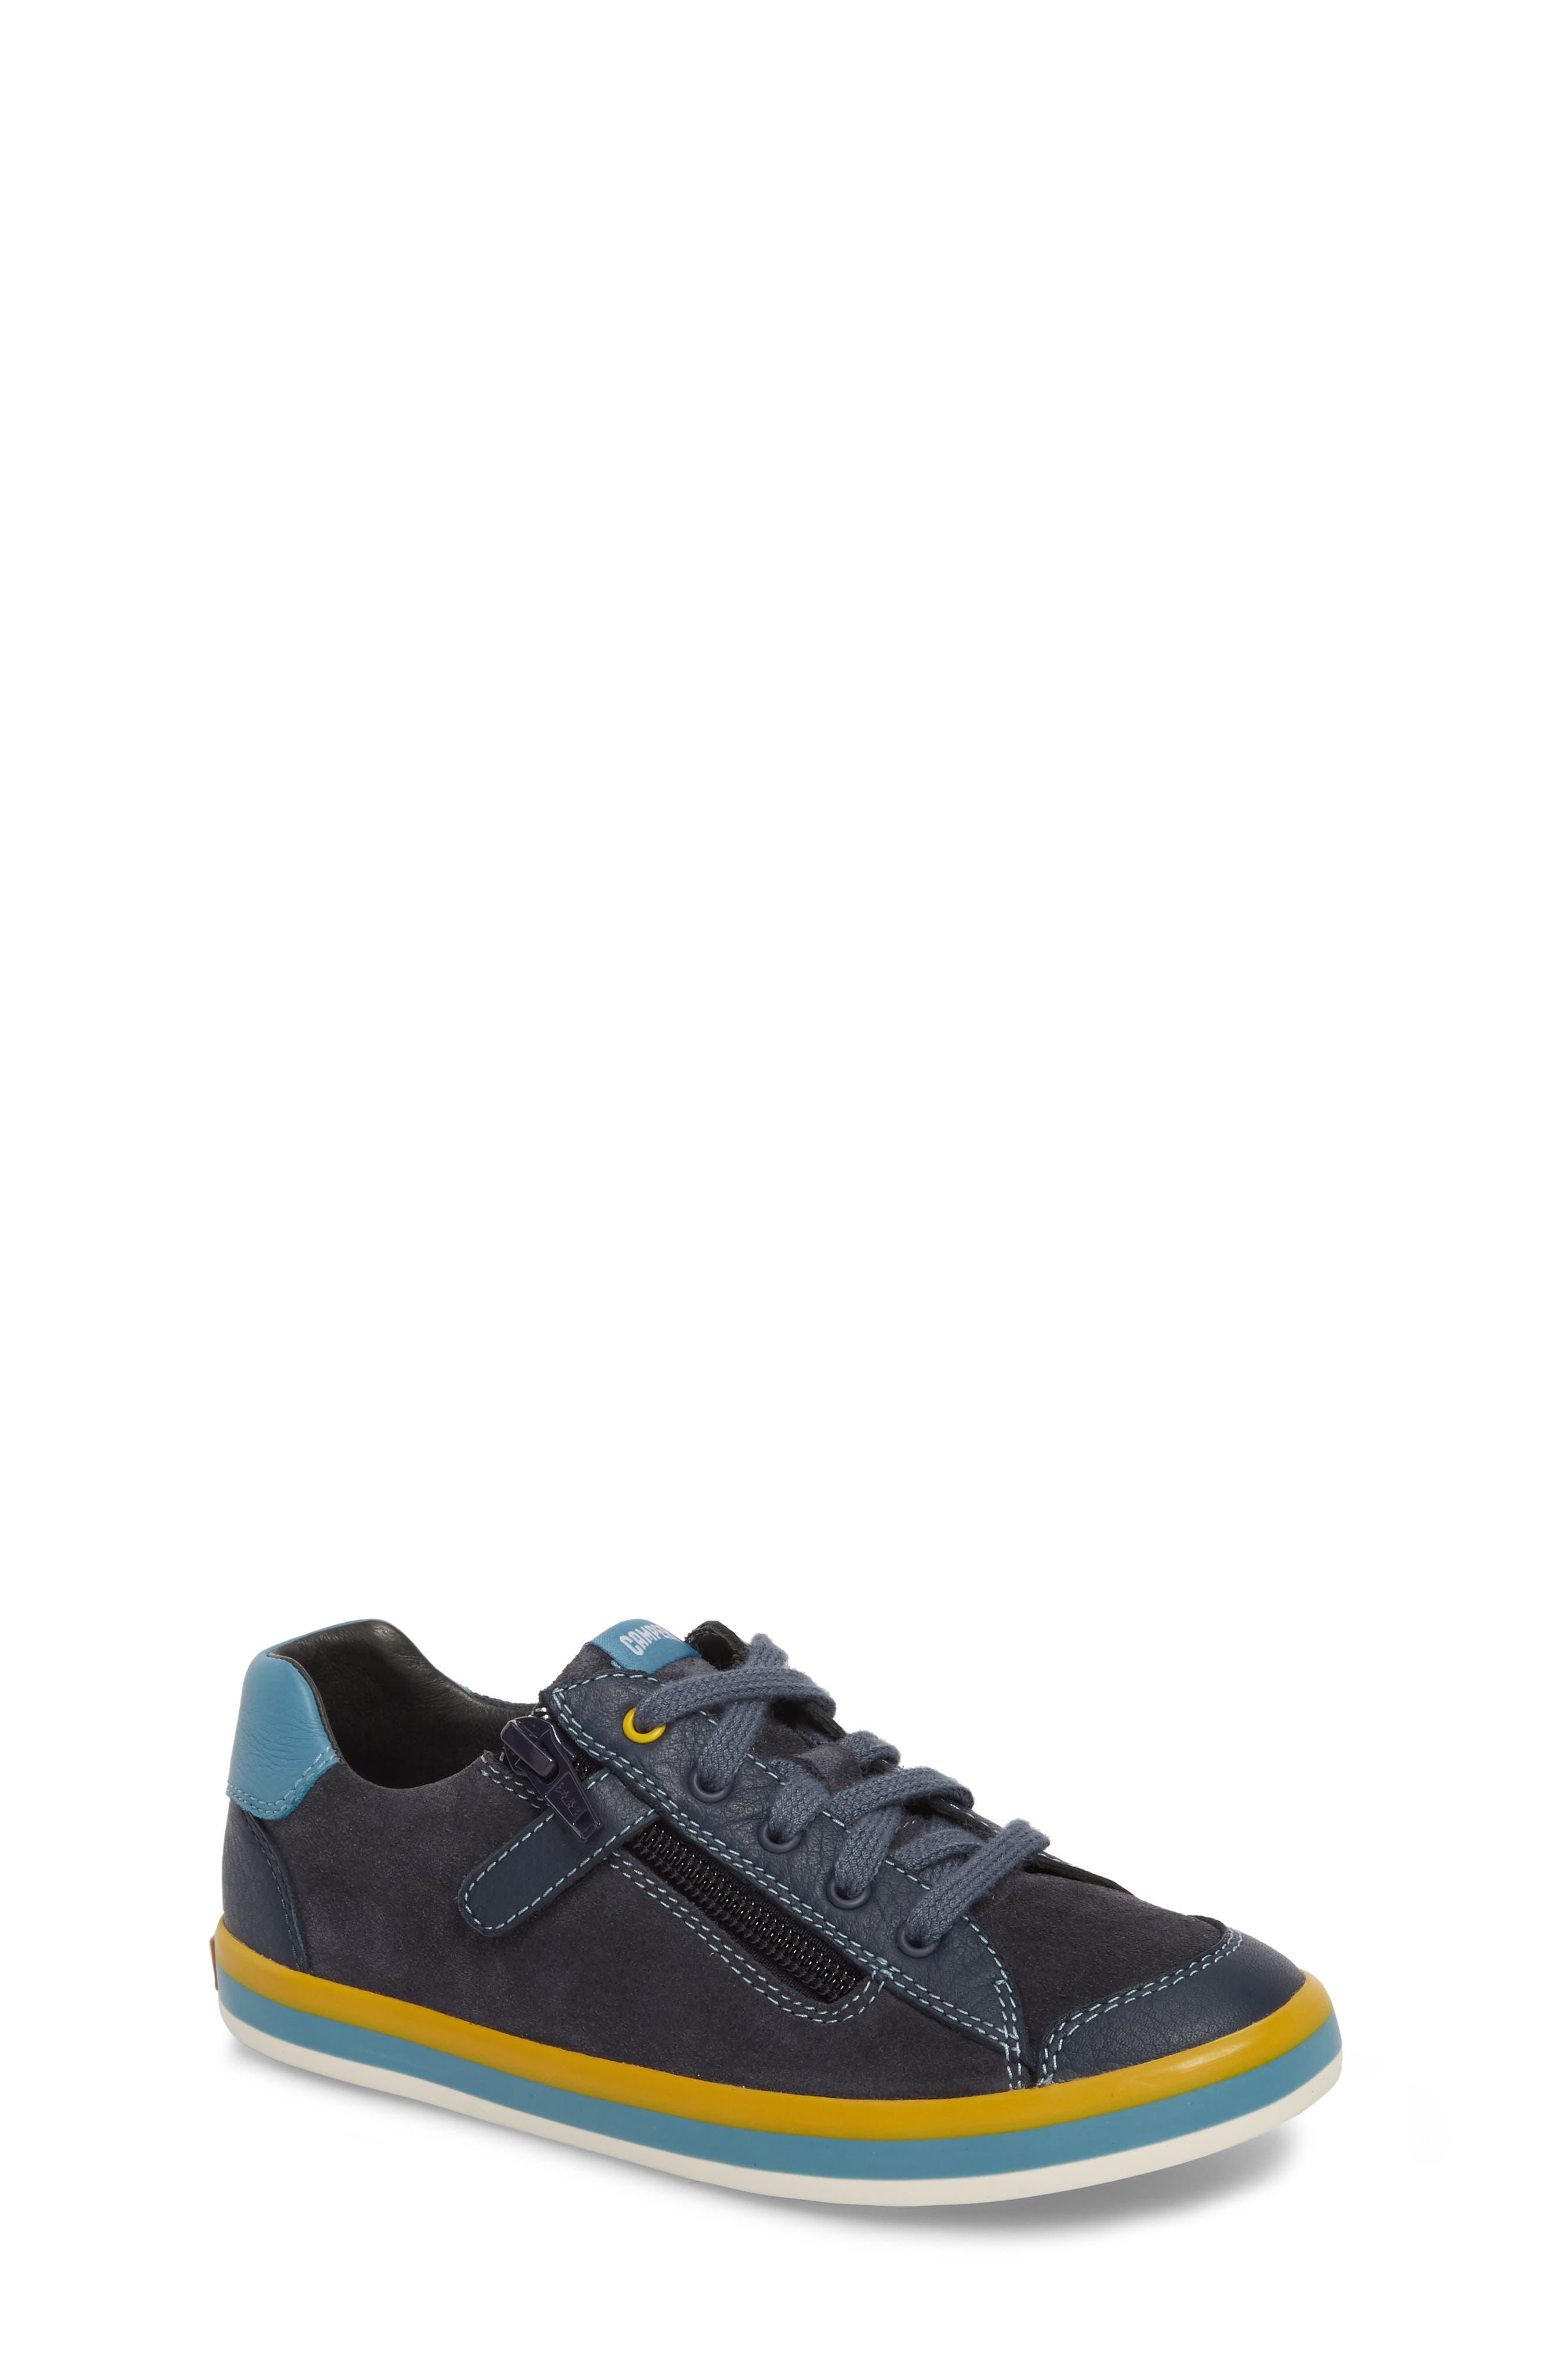 Pursuit Sneaker,                             Main thumbnail 1, color,                             Blue